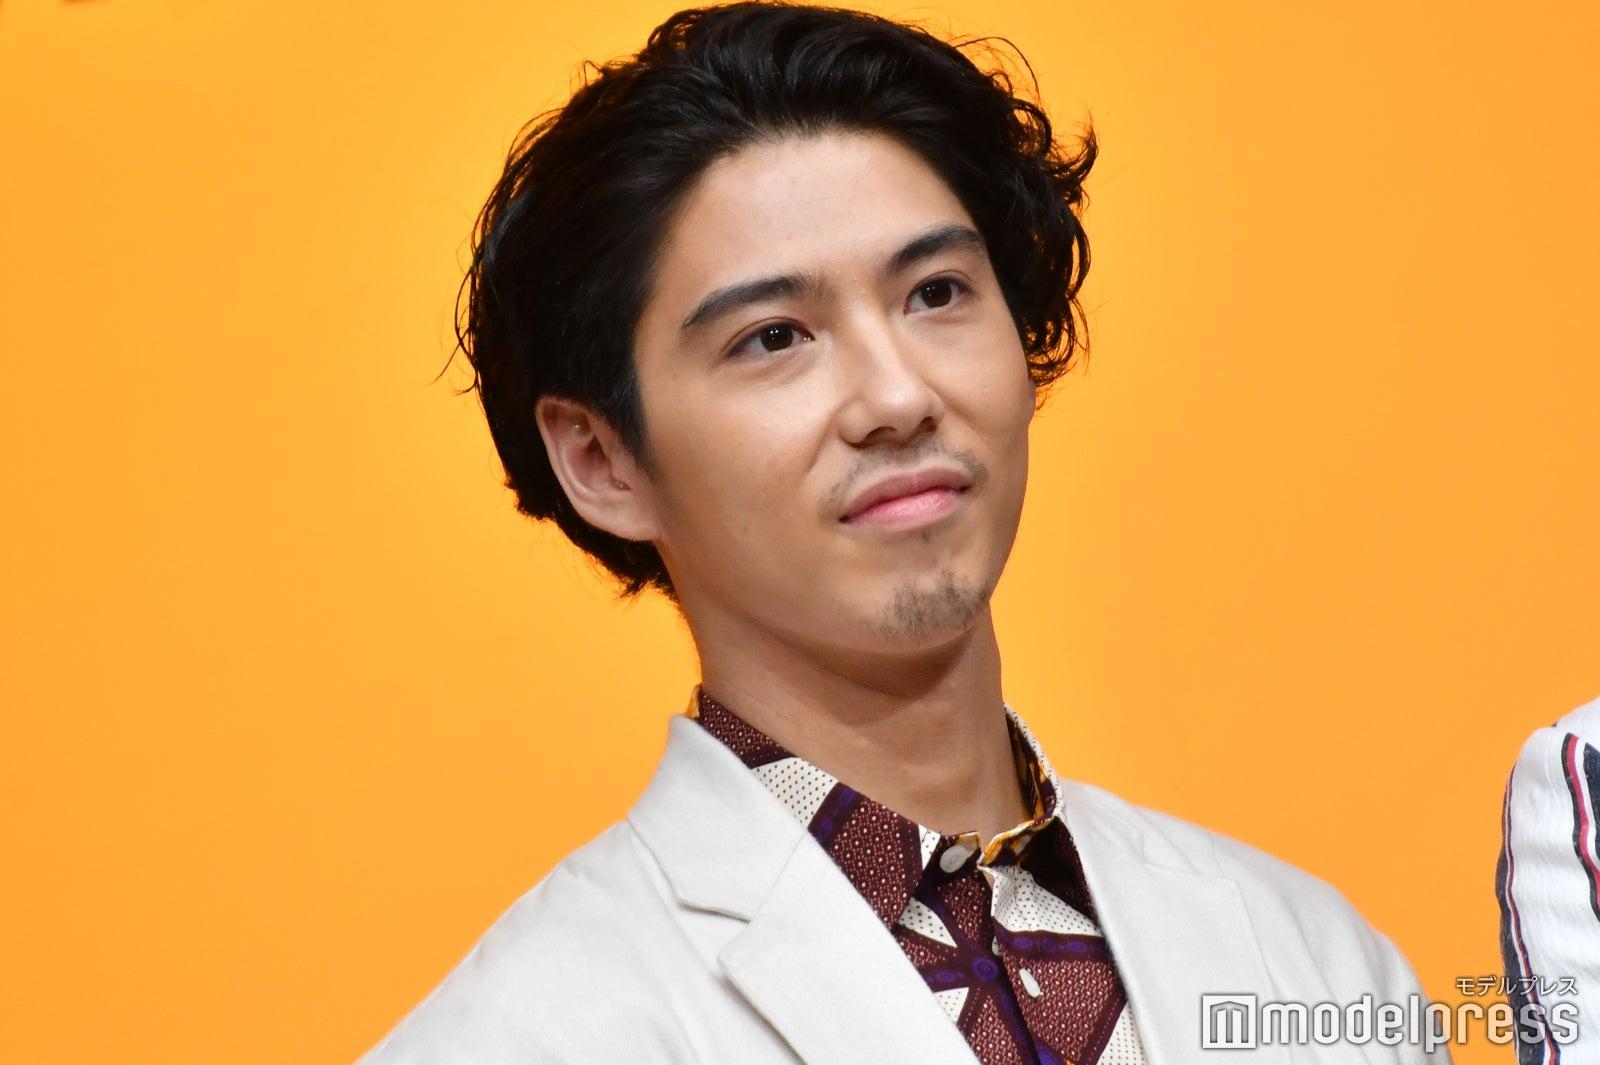 賀来 賢人 榮 倉 奈々 ディズニー